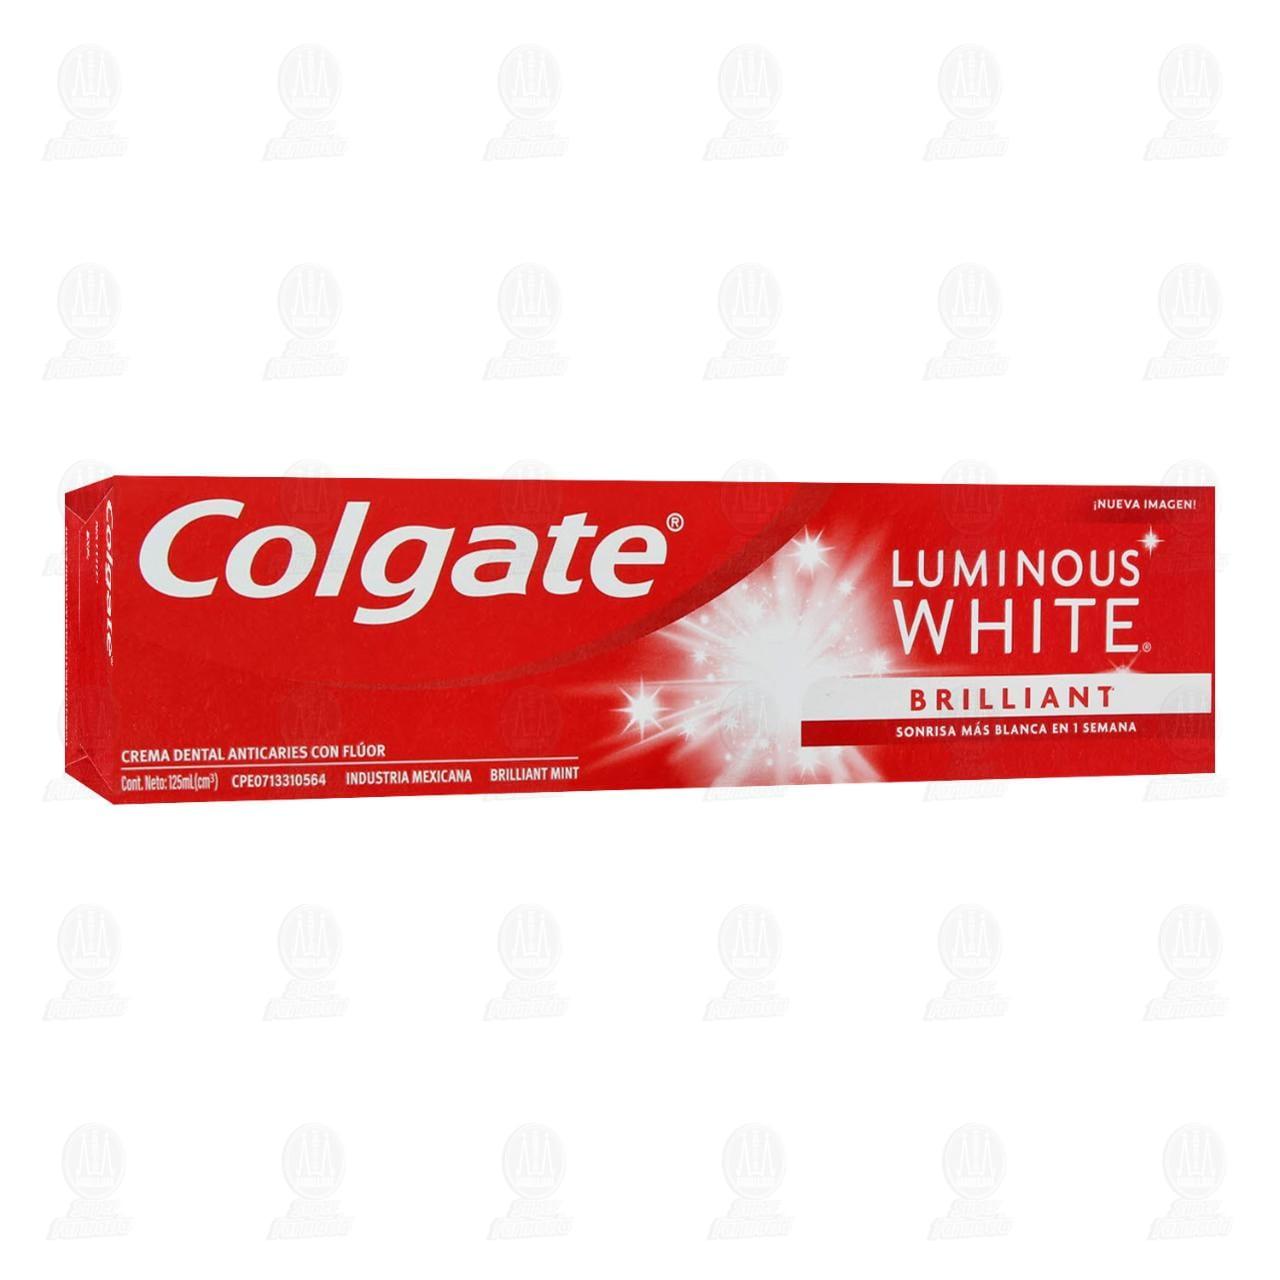 comprar https://www.movil.farmaciasguadalajara.com/wcsstore/FGCAS/wcs/products/1140795_A_1280_AL.jpg en farmacias guadalajara